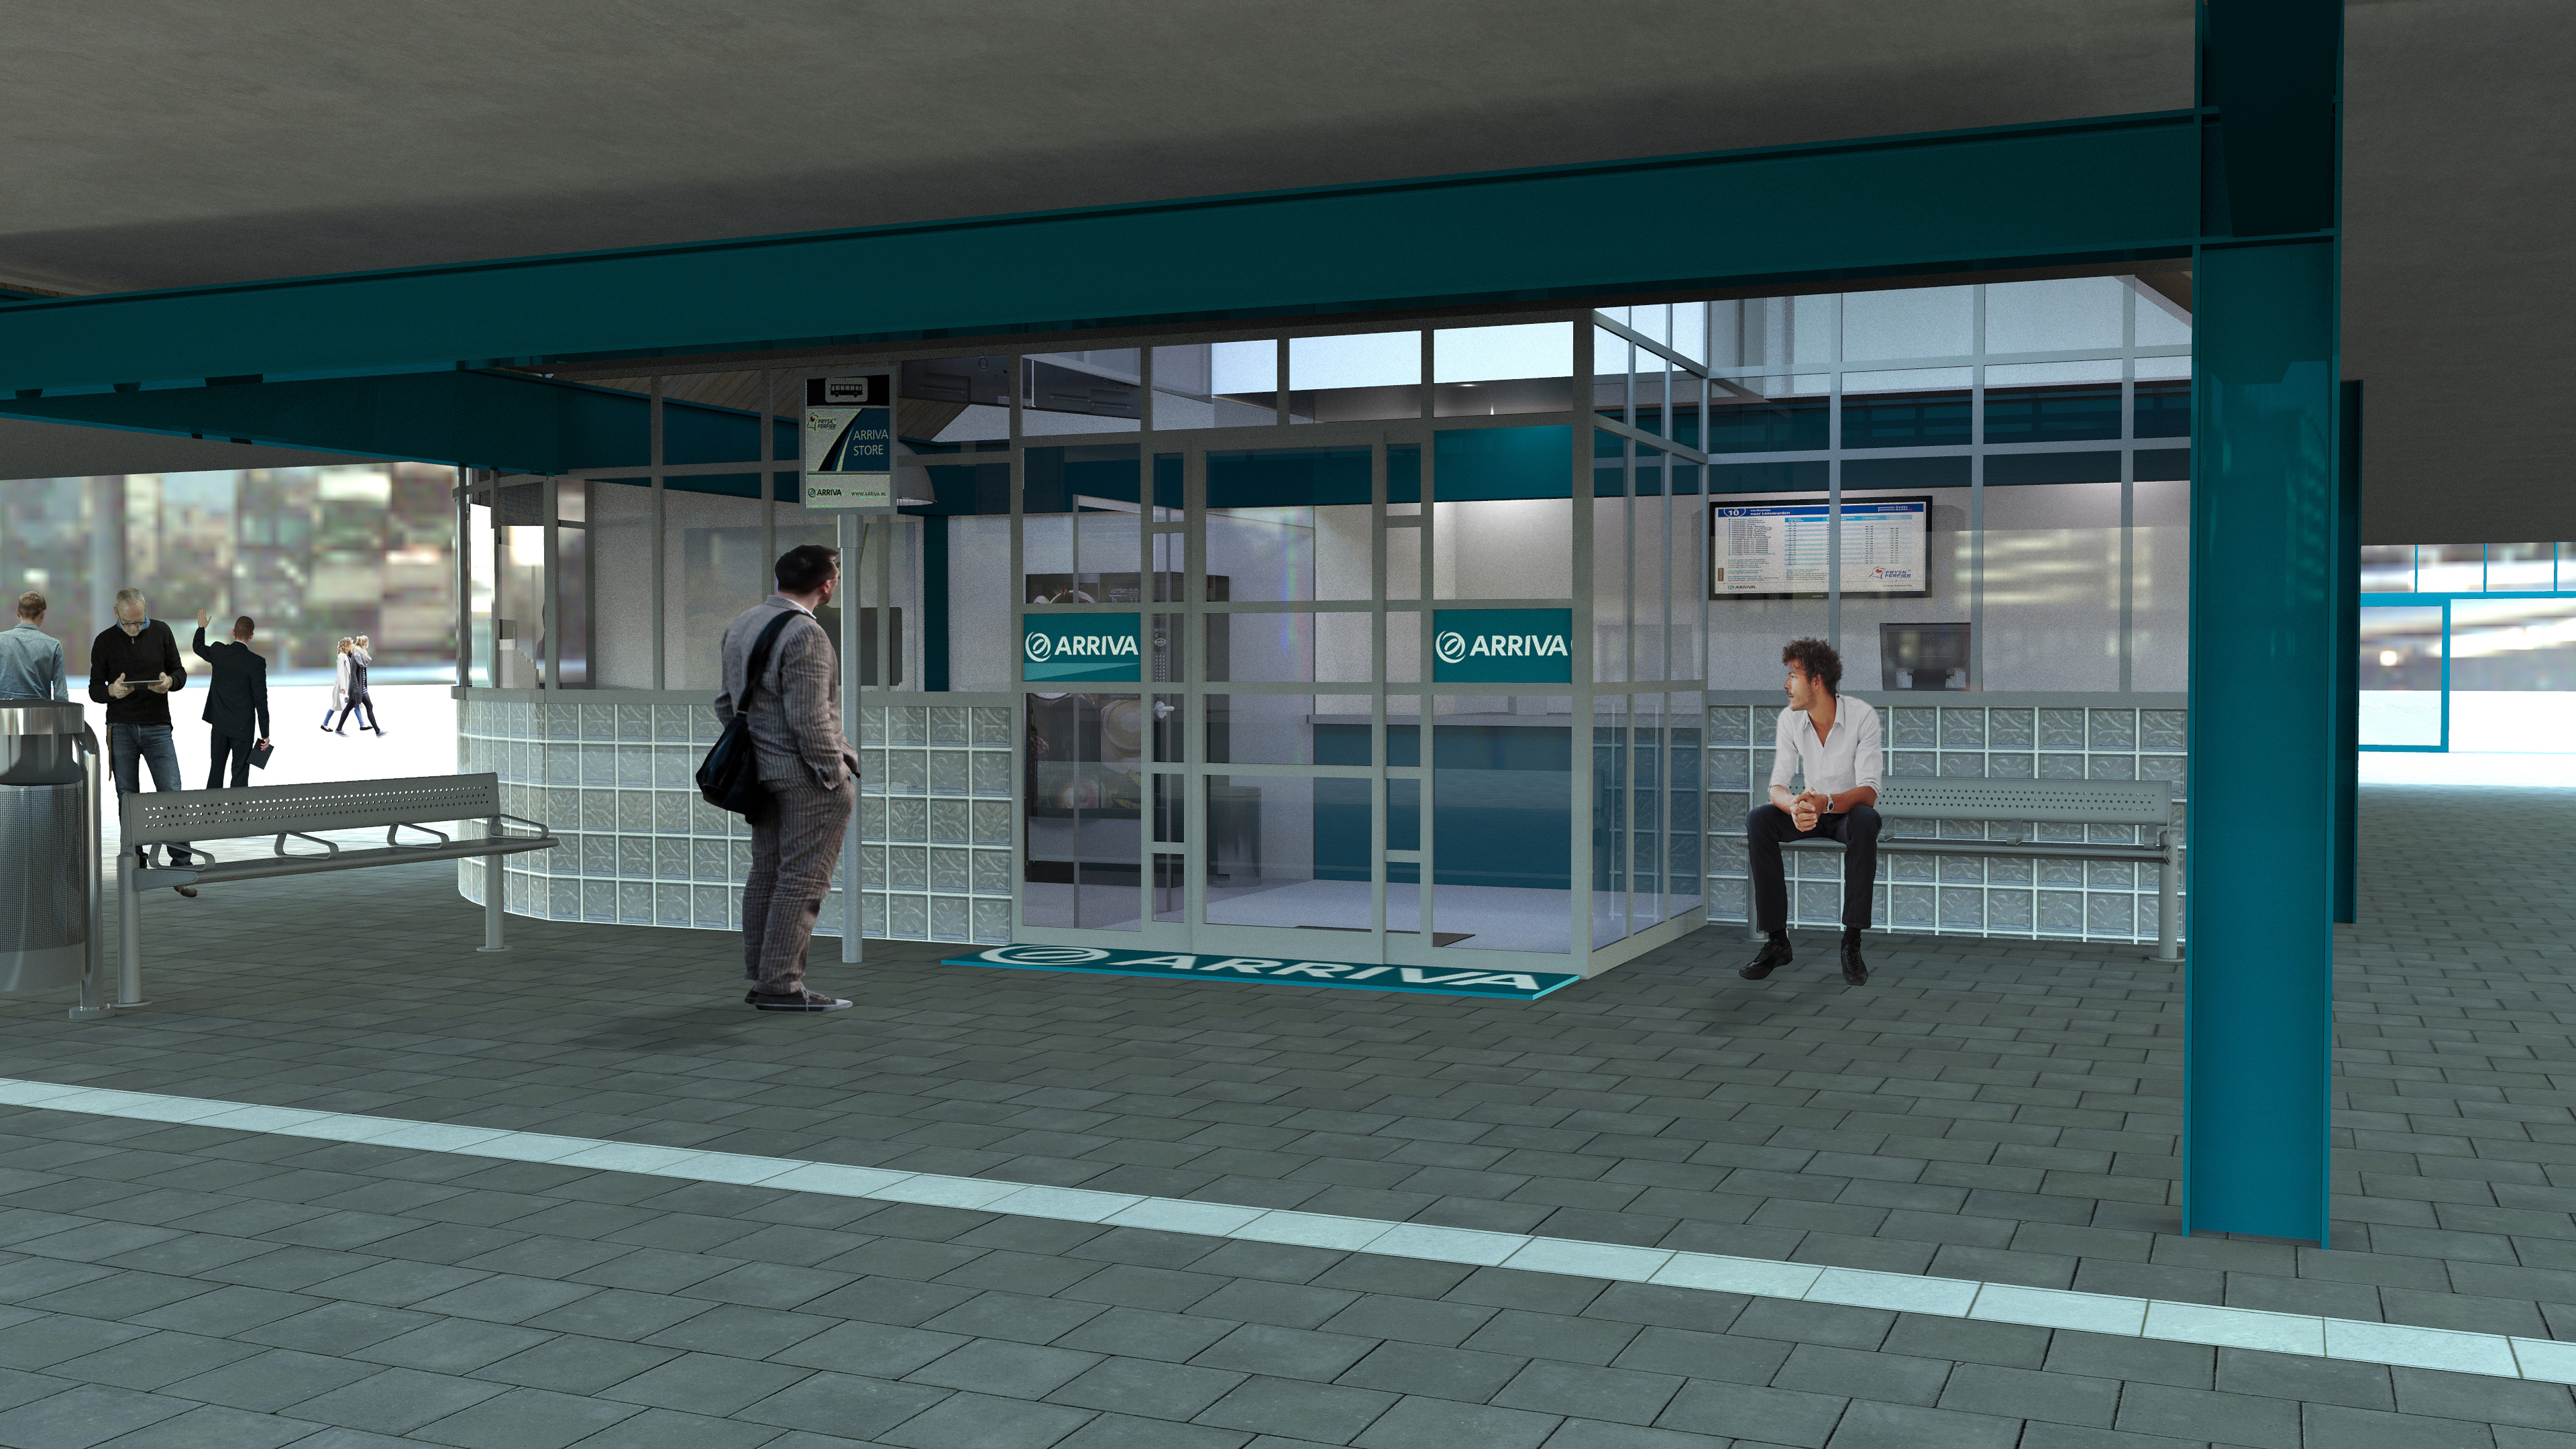 Arrivastore station Heerenveen